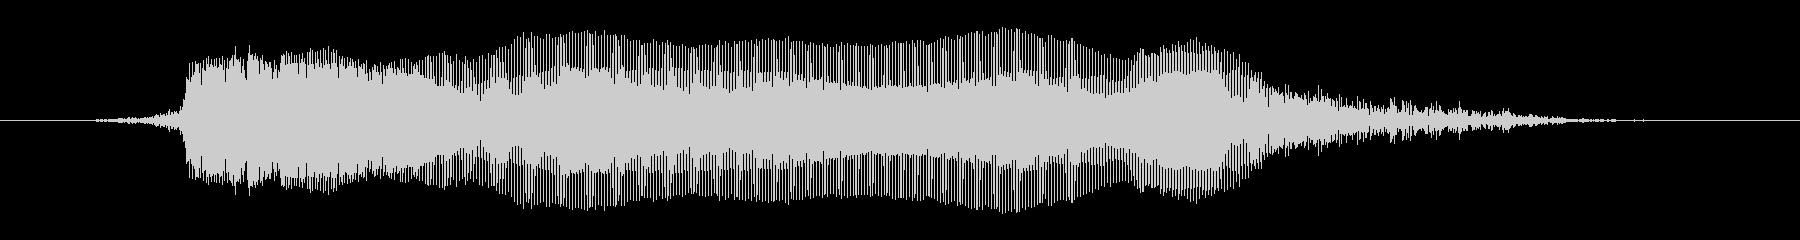 うわぁ~(驚き)の未再生の波形